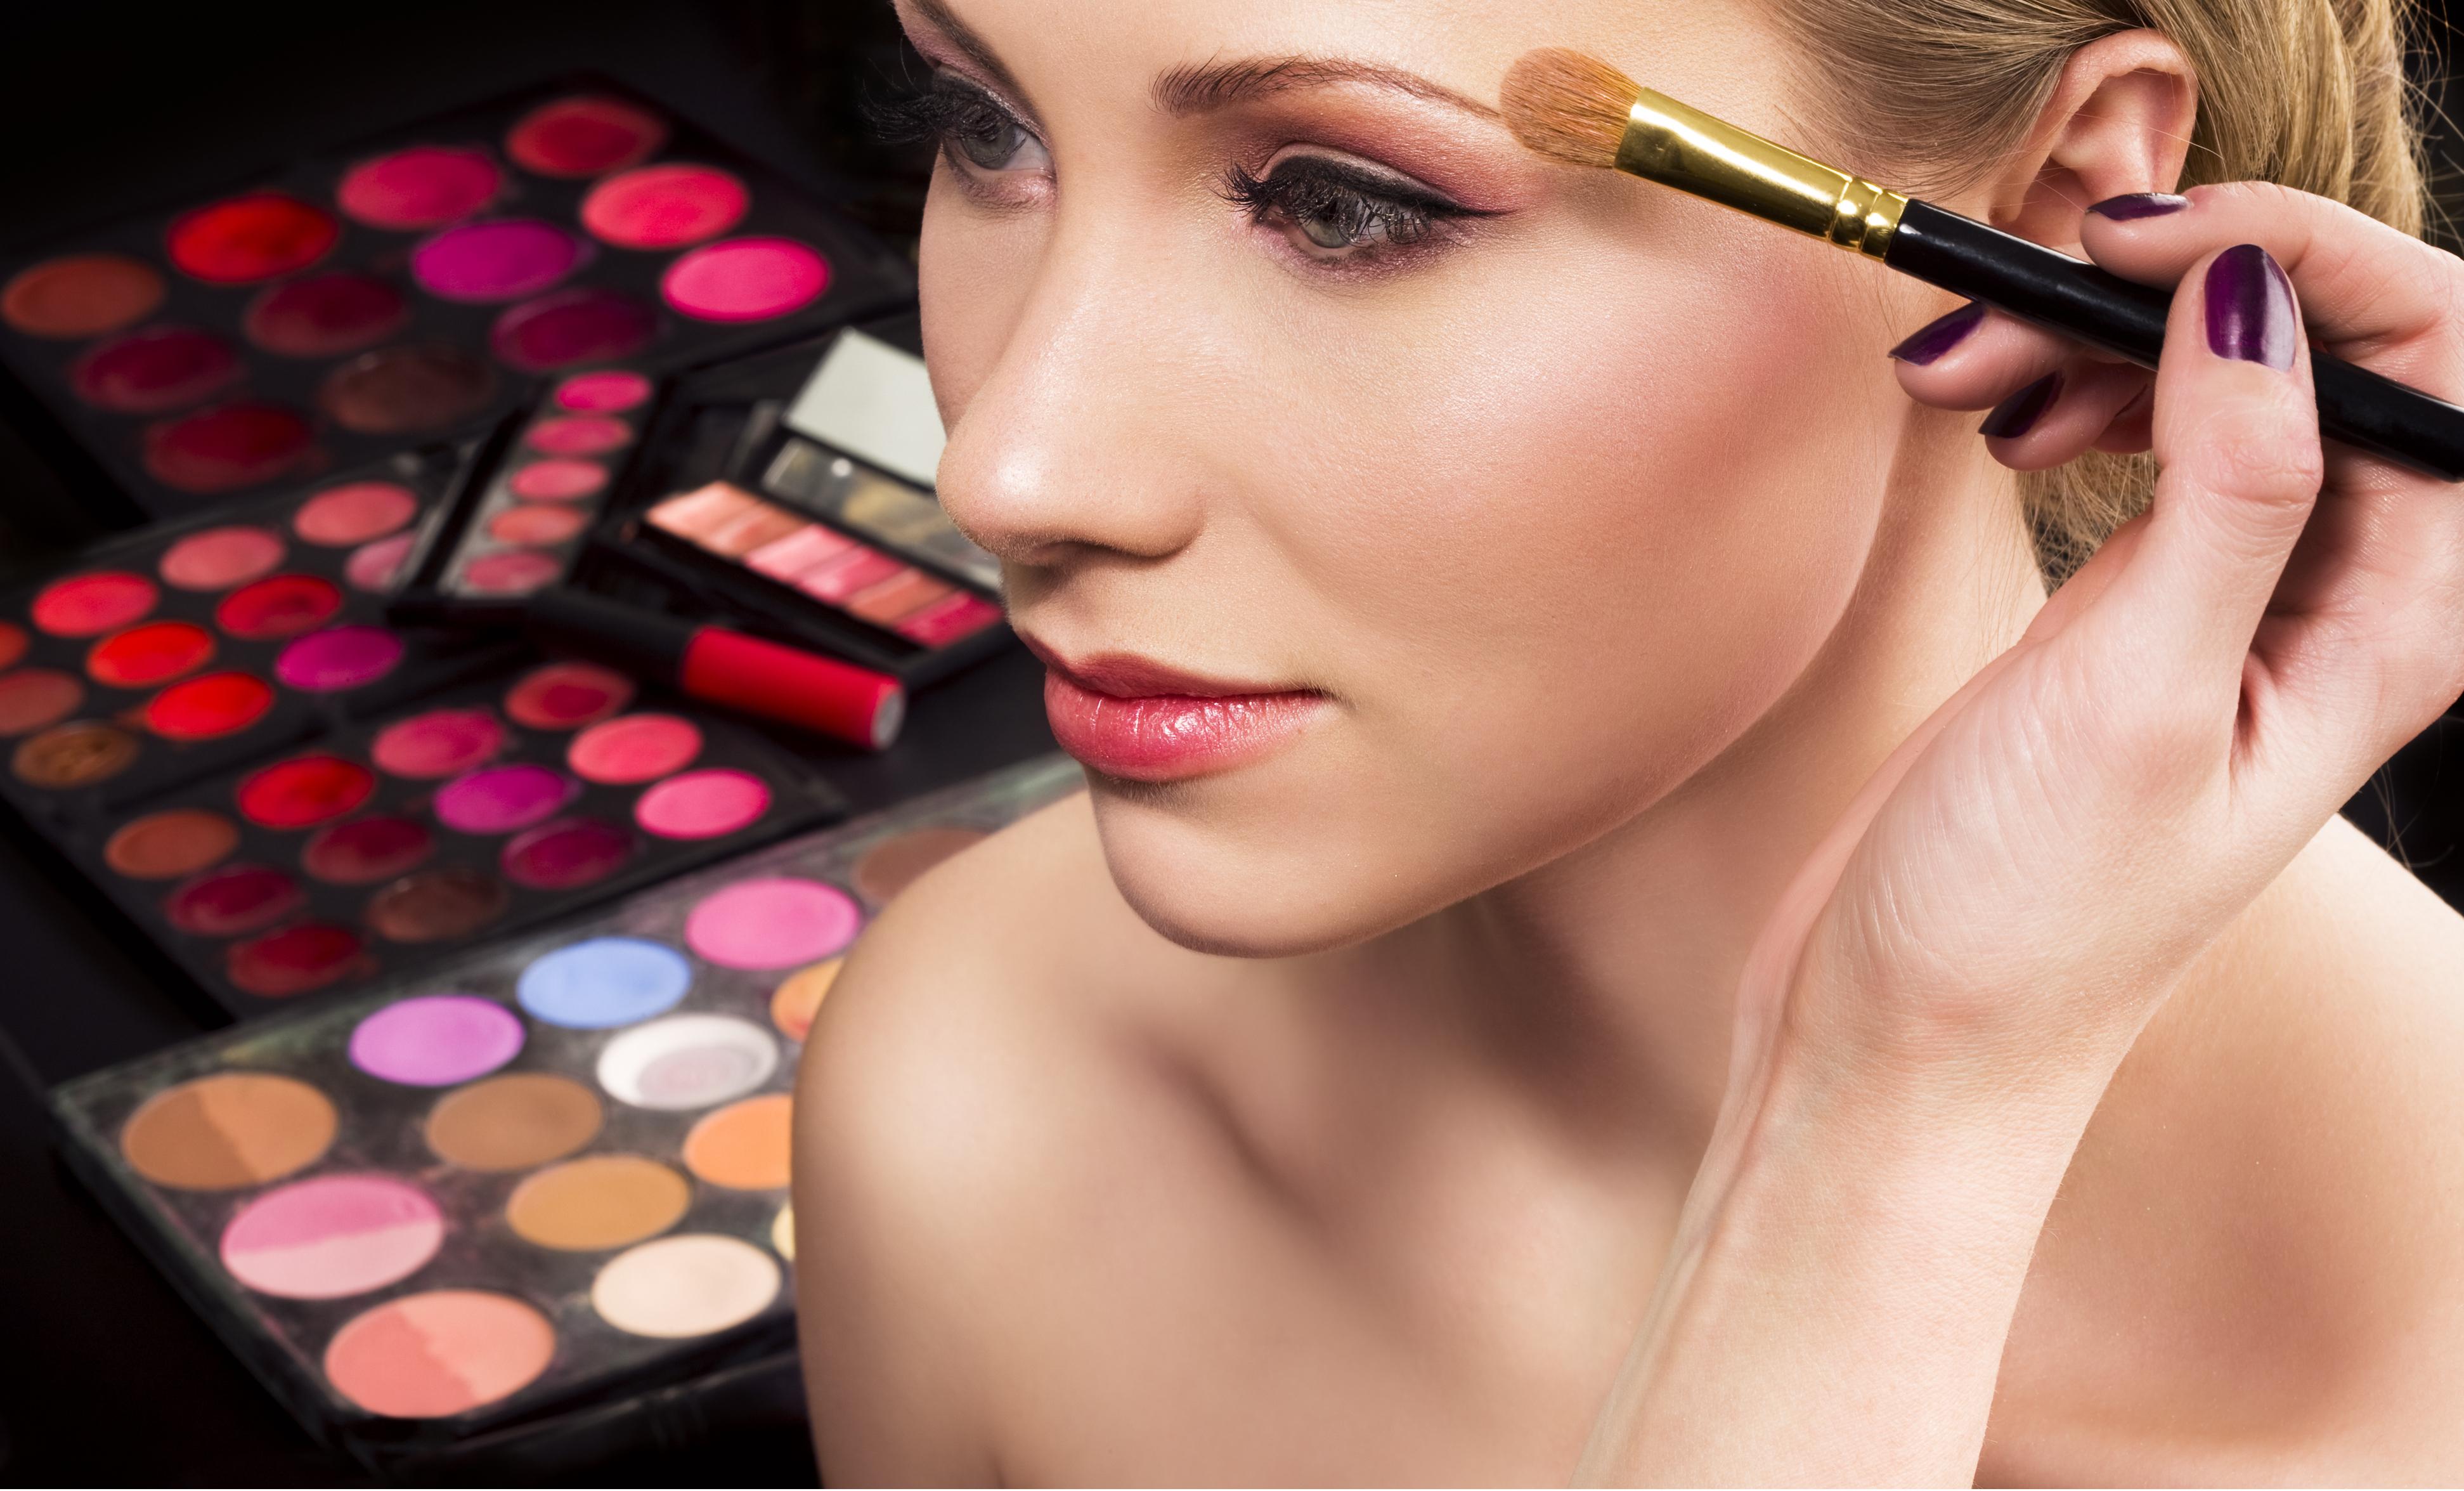 makijaż wizaż 1 Niespodziewana infekcja po wizycie u wizażysty